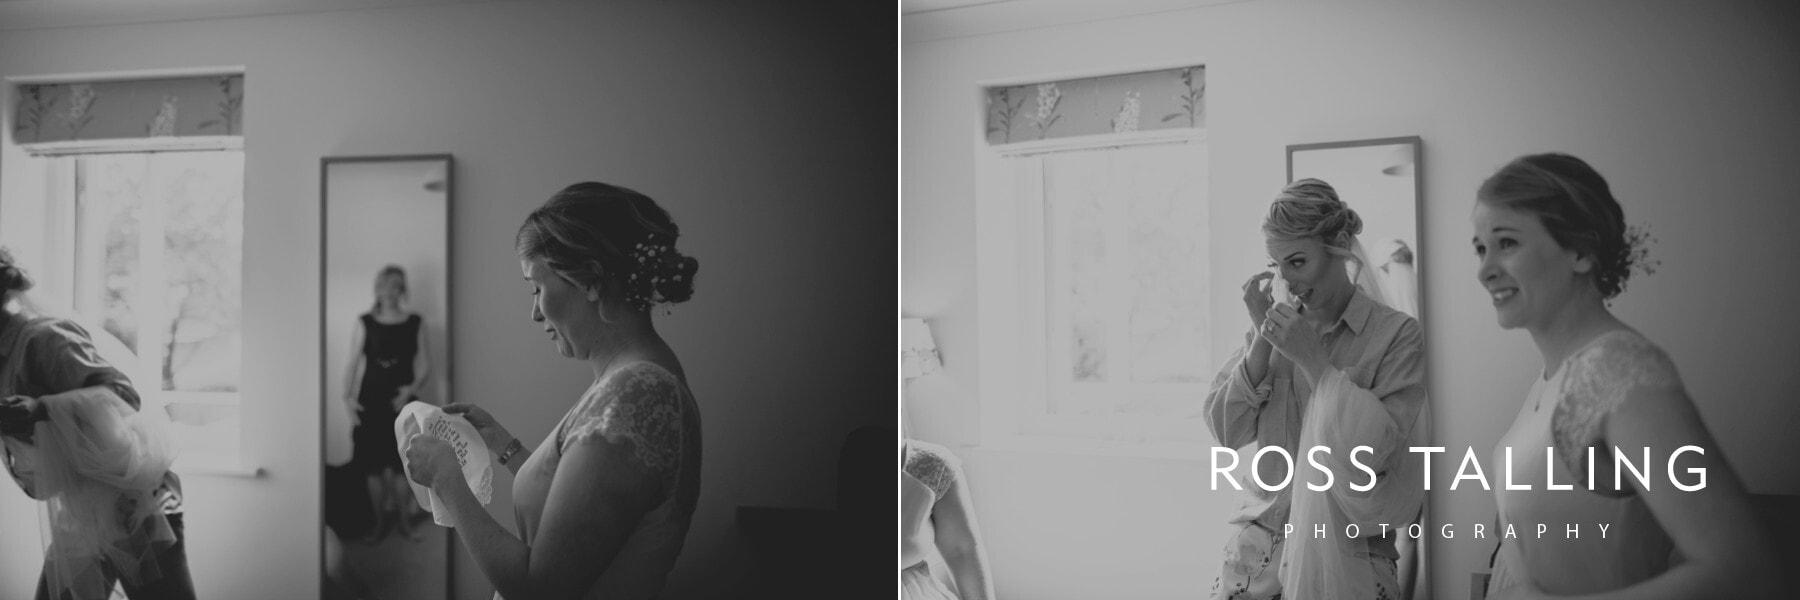 Steff & Lee Wedding Photography Cornwall_0034